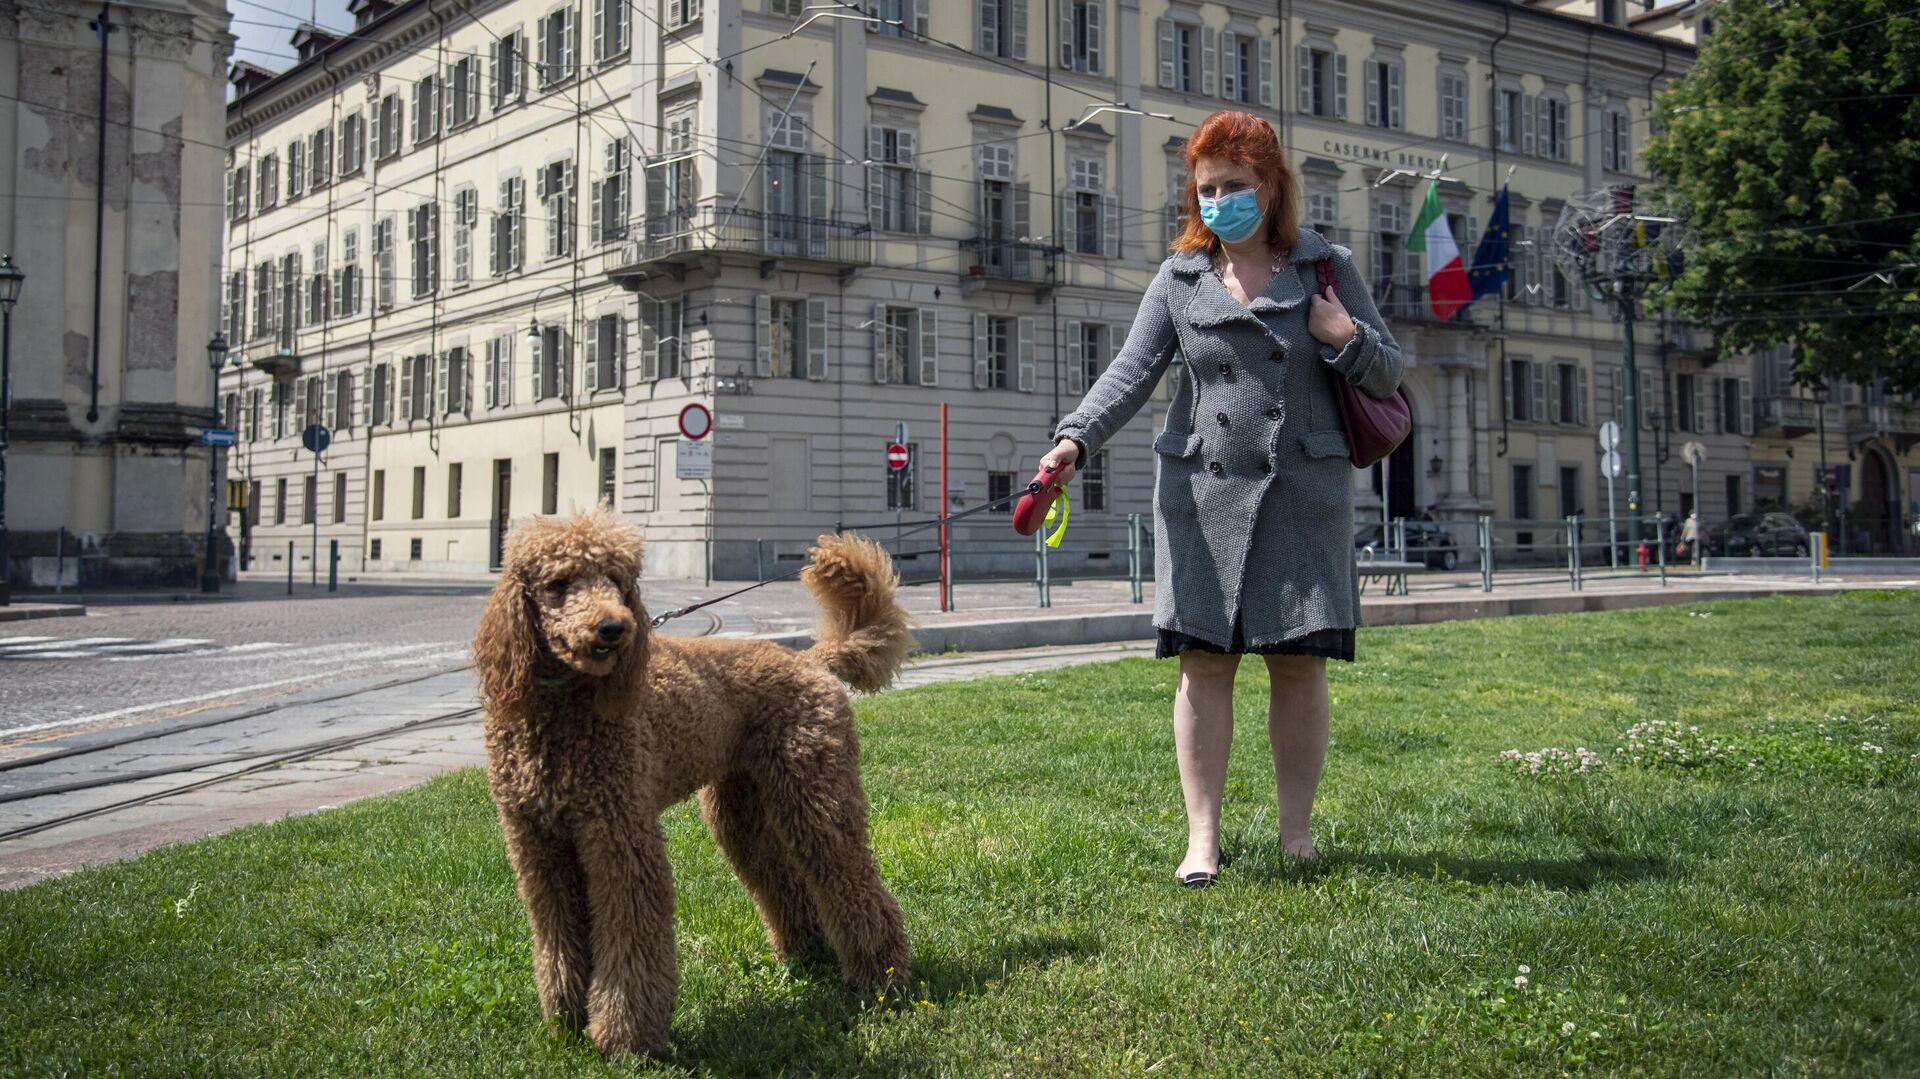 Женщина гуляет с собакой в центре города в Турине - РИА Новости, 1920, 06.11.2020